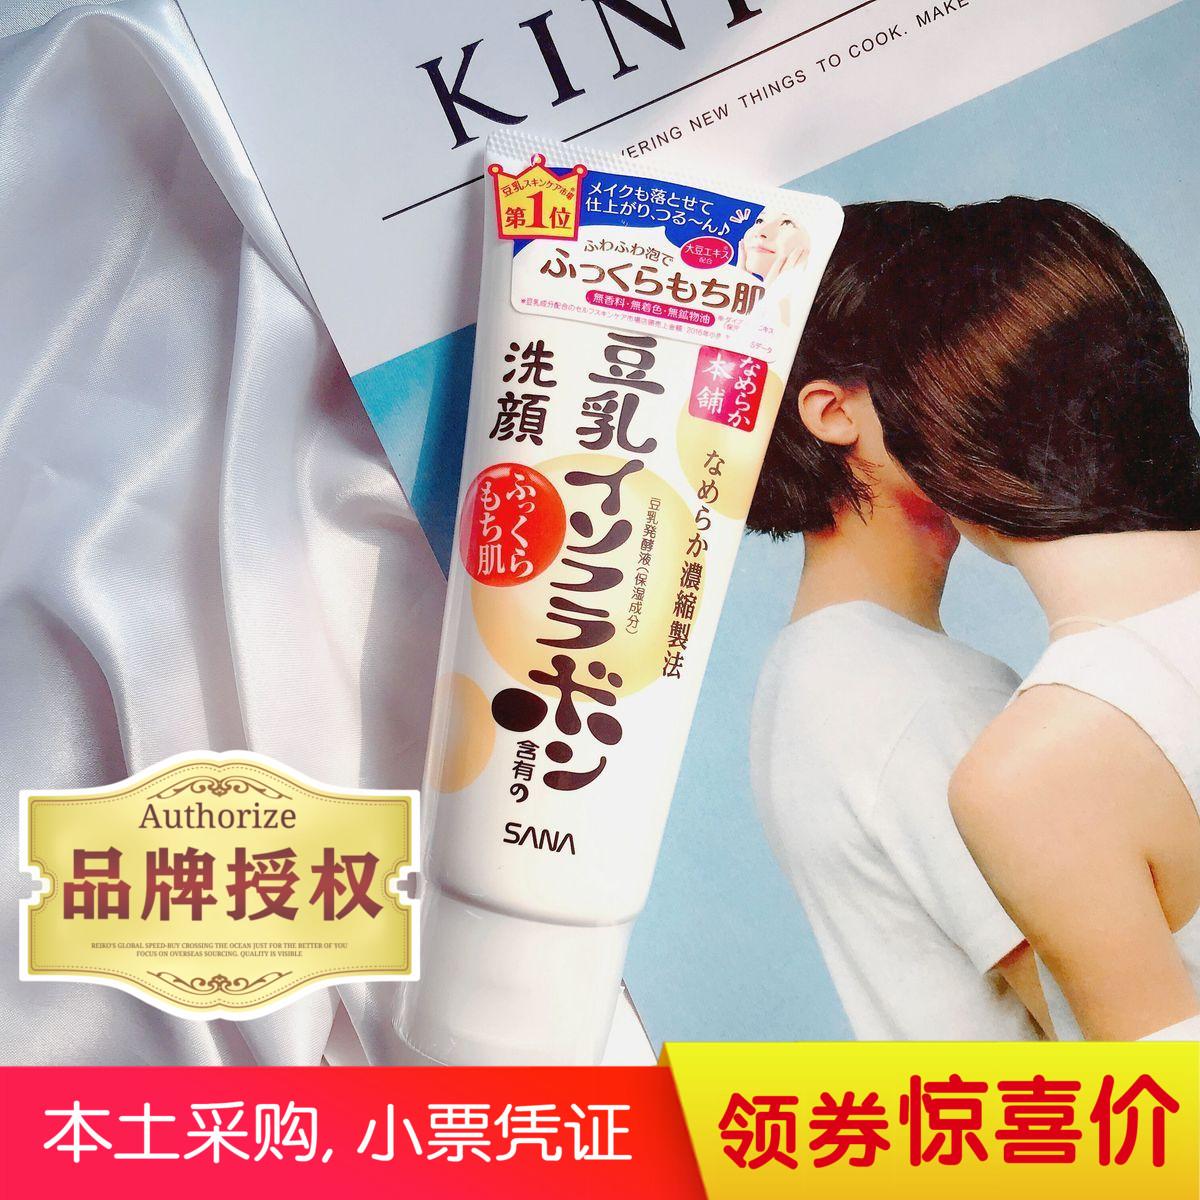 SANA豆乳洗面奶溫和清爽卸妝超乾淨潔面過敏肌孕婦可用150g日本